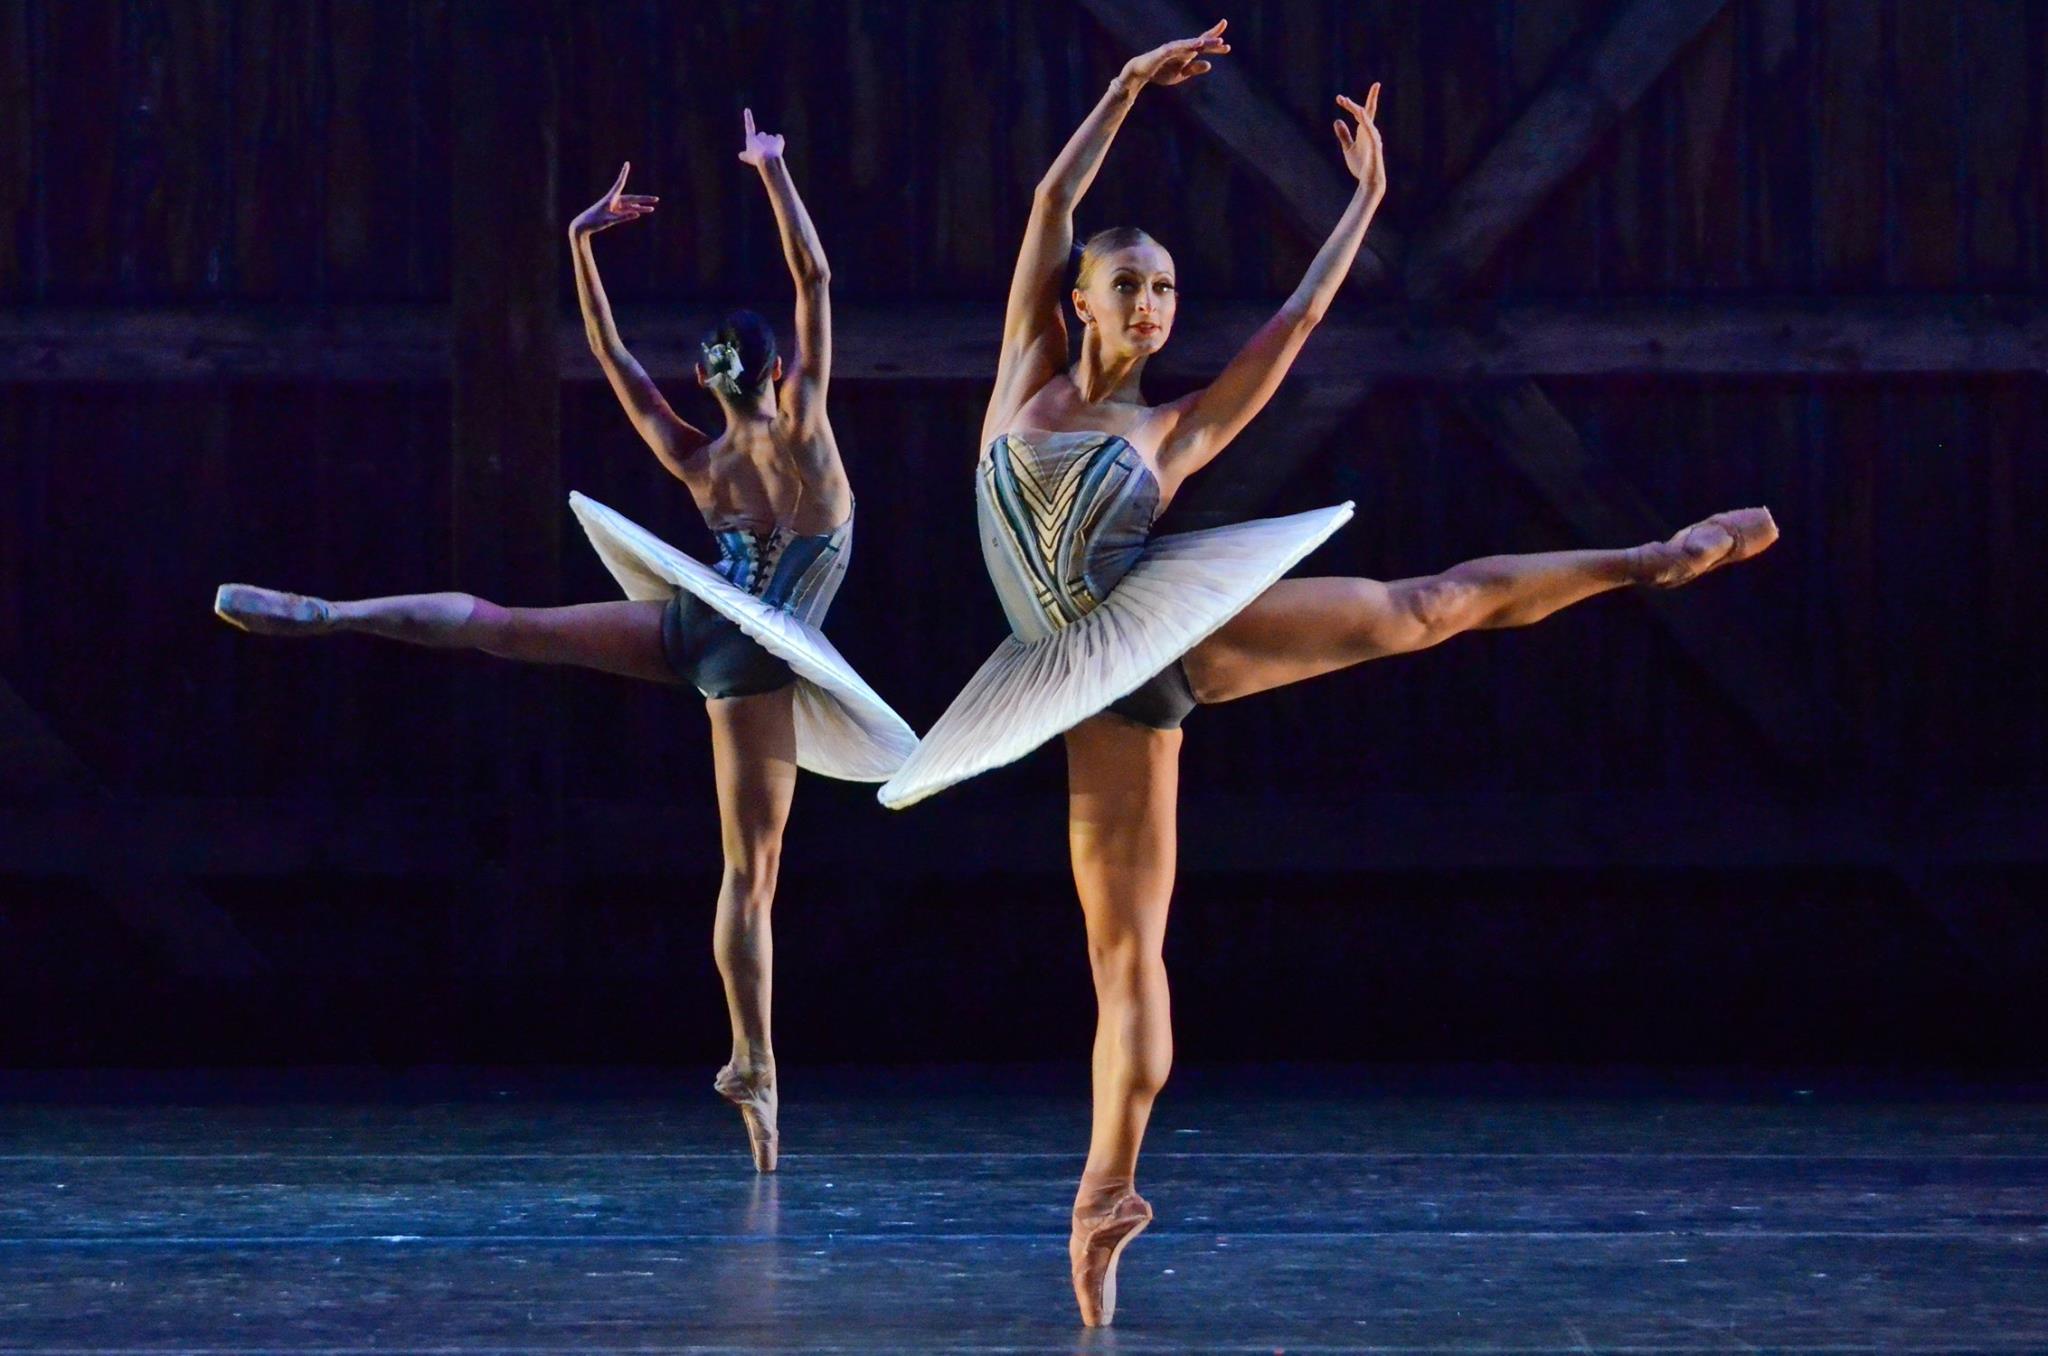 Интересные факты о балете, история развития, русский балет, факты из жизни артистов балета – удивительные факты